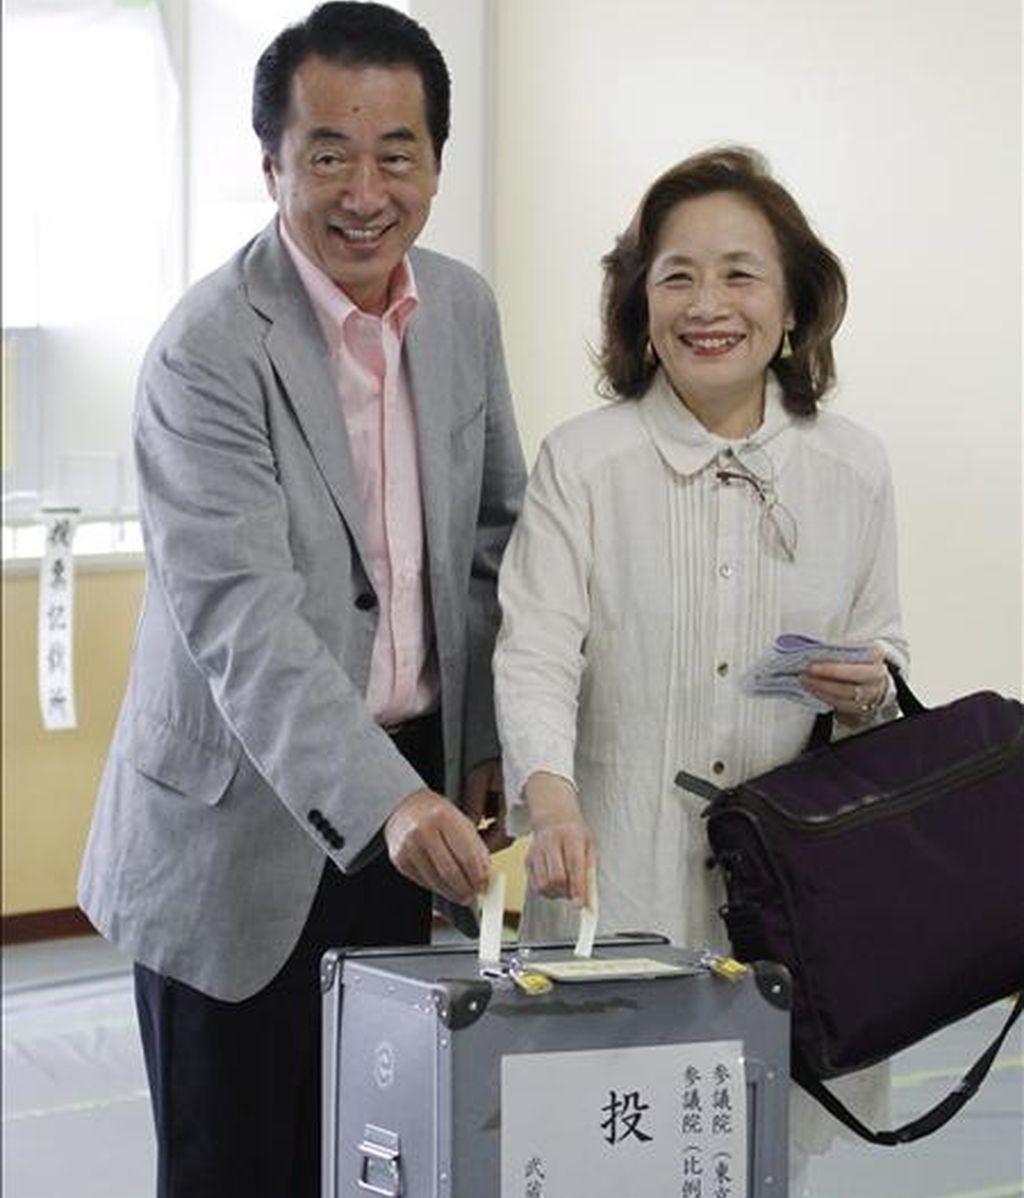 El primer ministro japonés y presidente del gubernamental Partido Democrático (PD), Naoto Kan (i), vota con su esposa, Nobuko (d), hoy, en Tokio (Japón). Los colegios electorales del país para los comicios parciales al Senado abrieron sus puertas en la primera prueba en las urnas para el PD. EFE